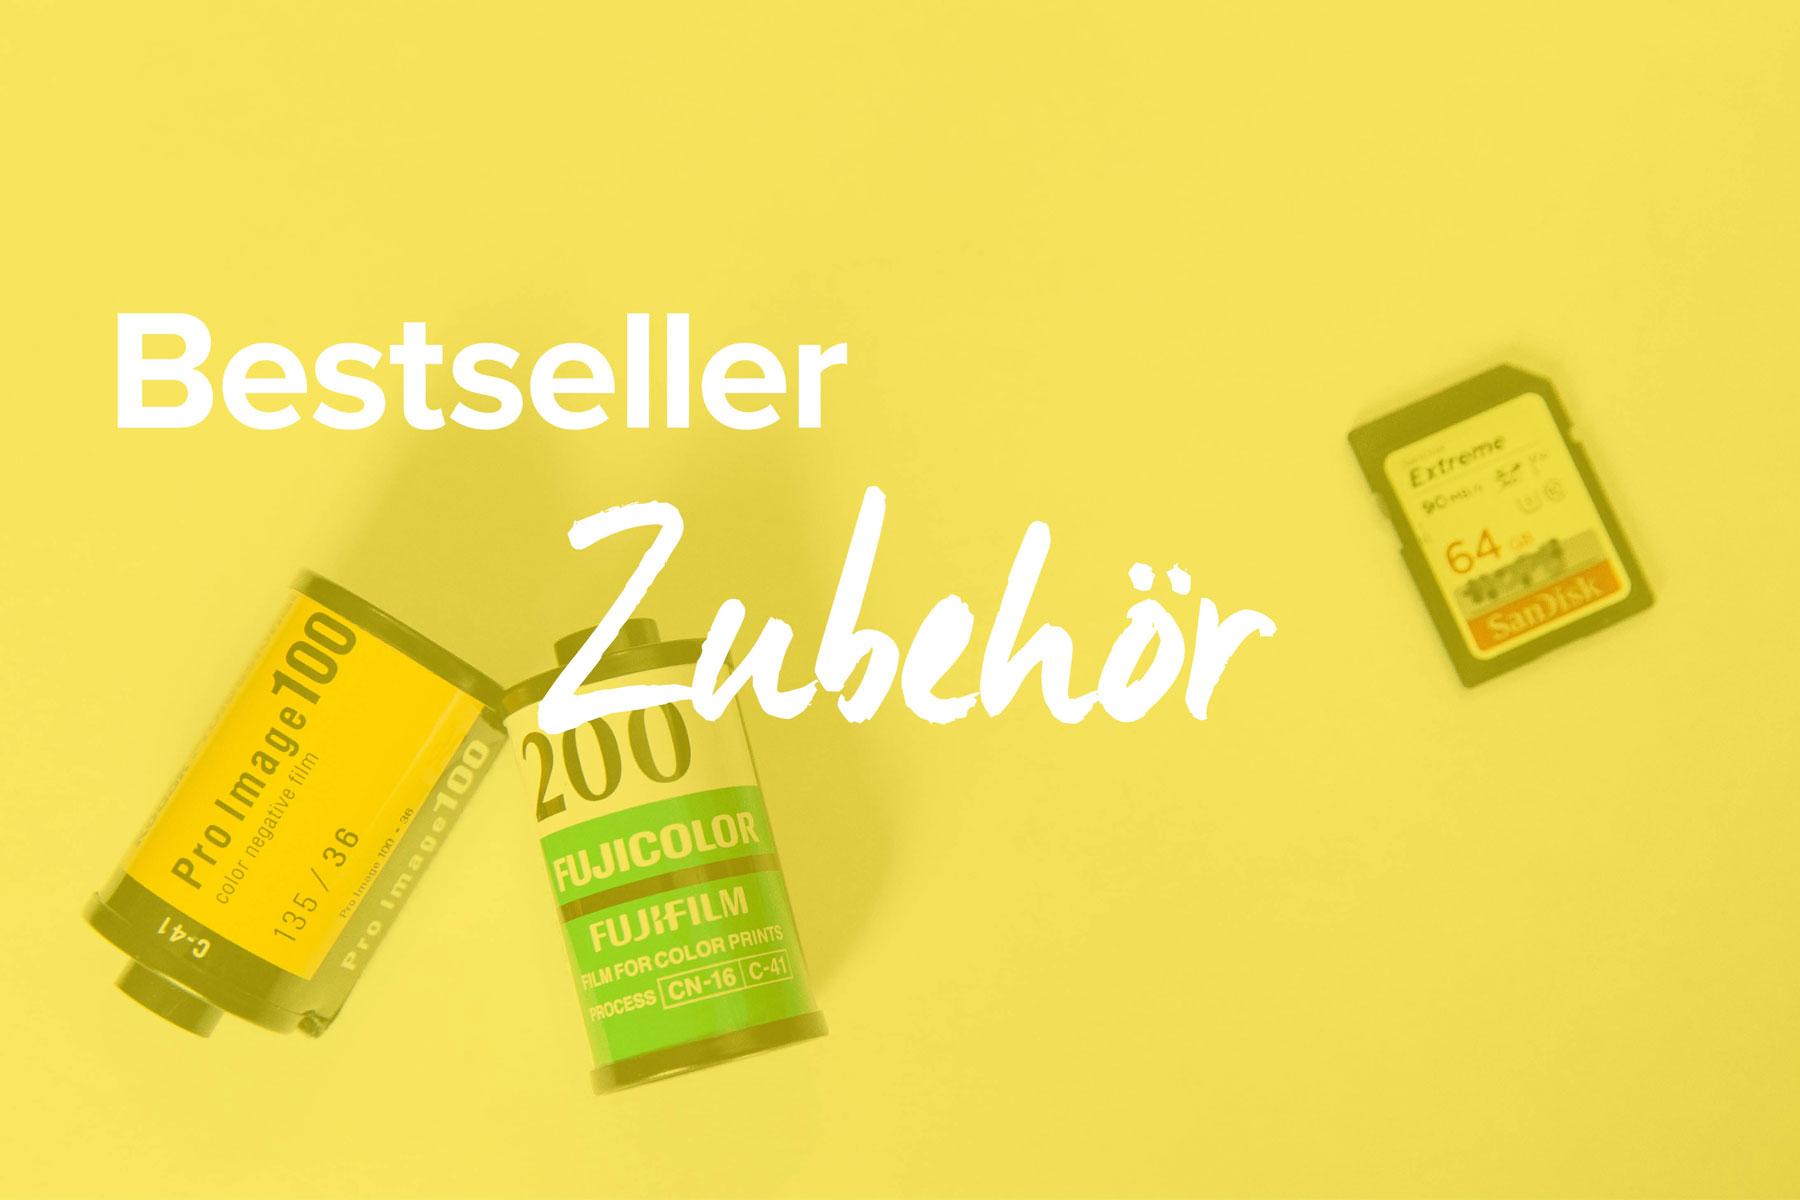 Bestseller Zubehör